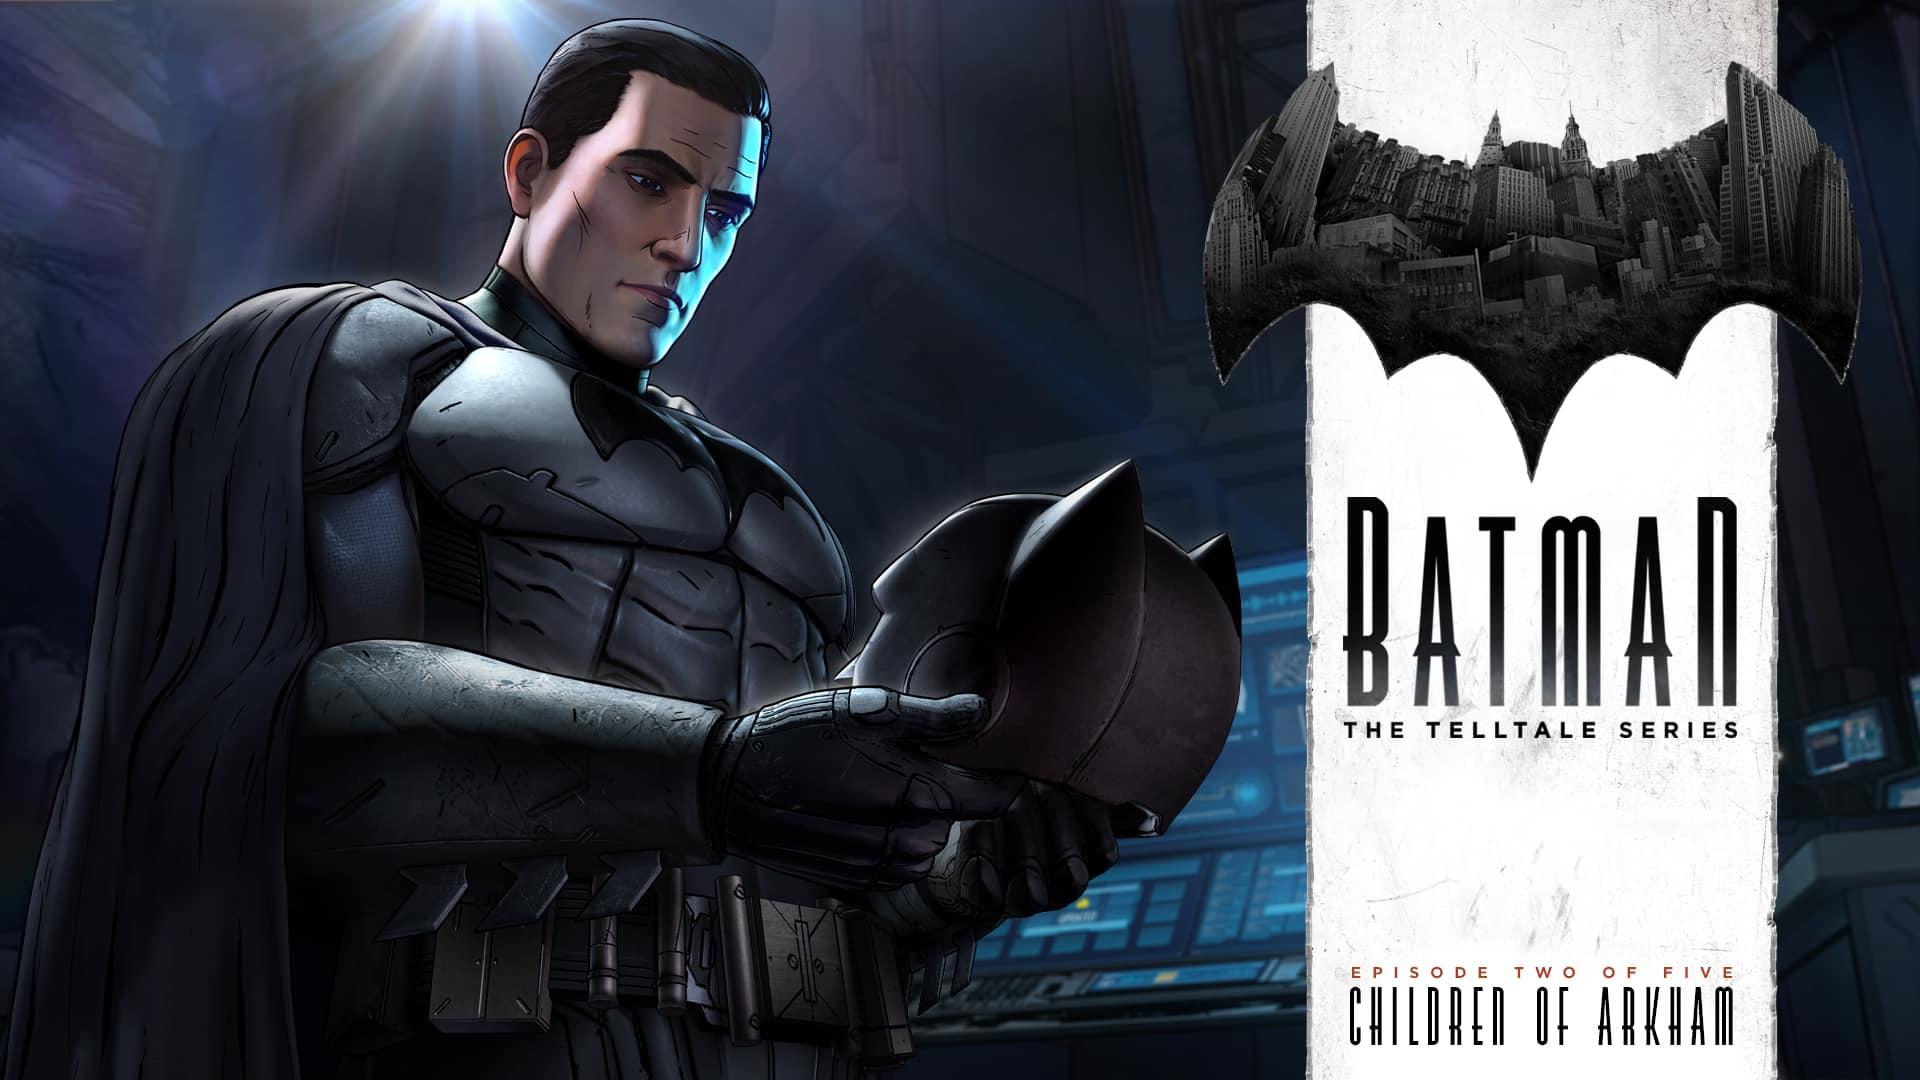 Le deuxième épisode de Batman par Telltale daté